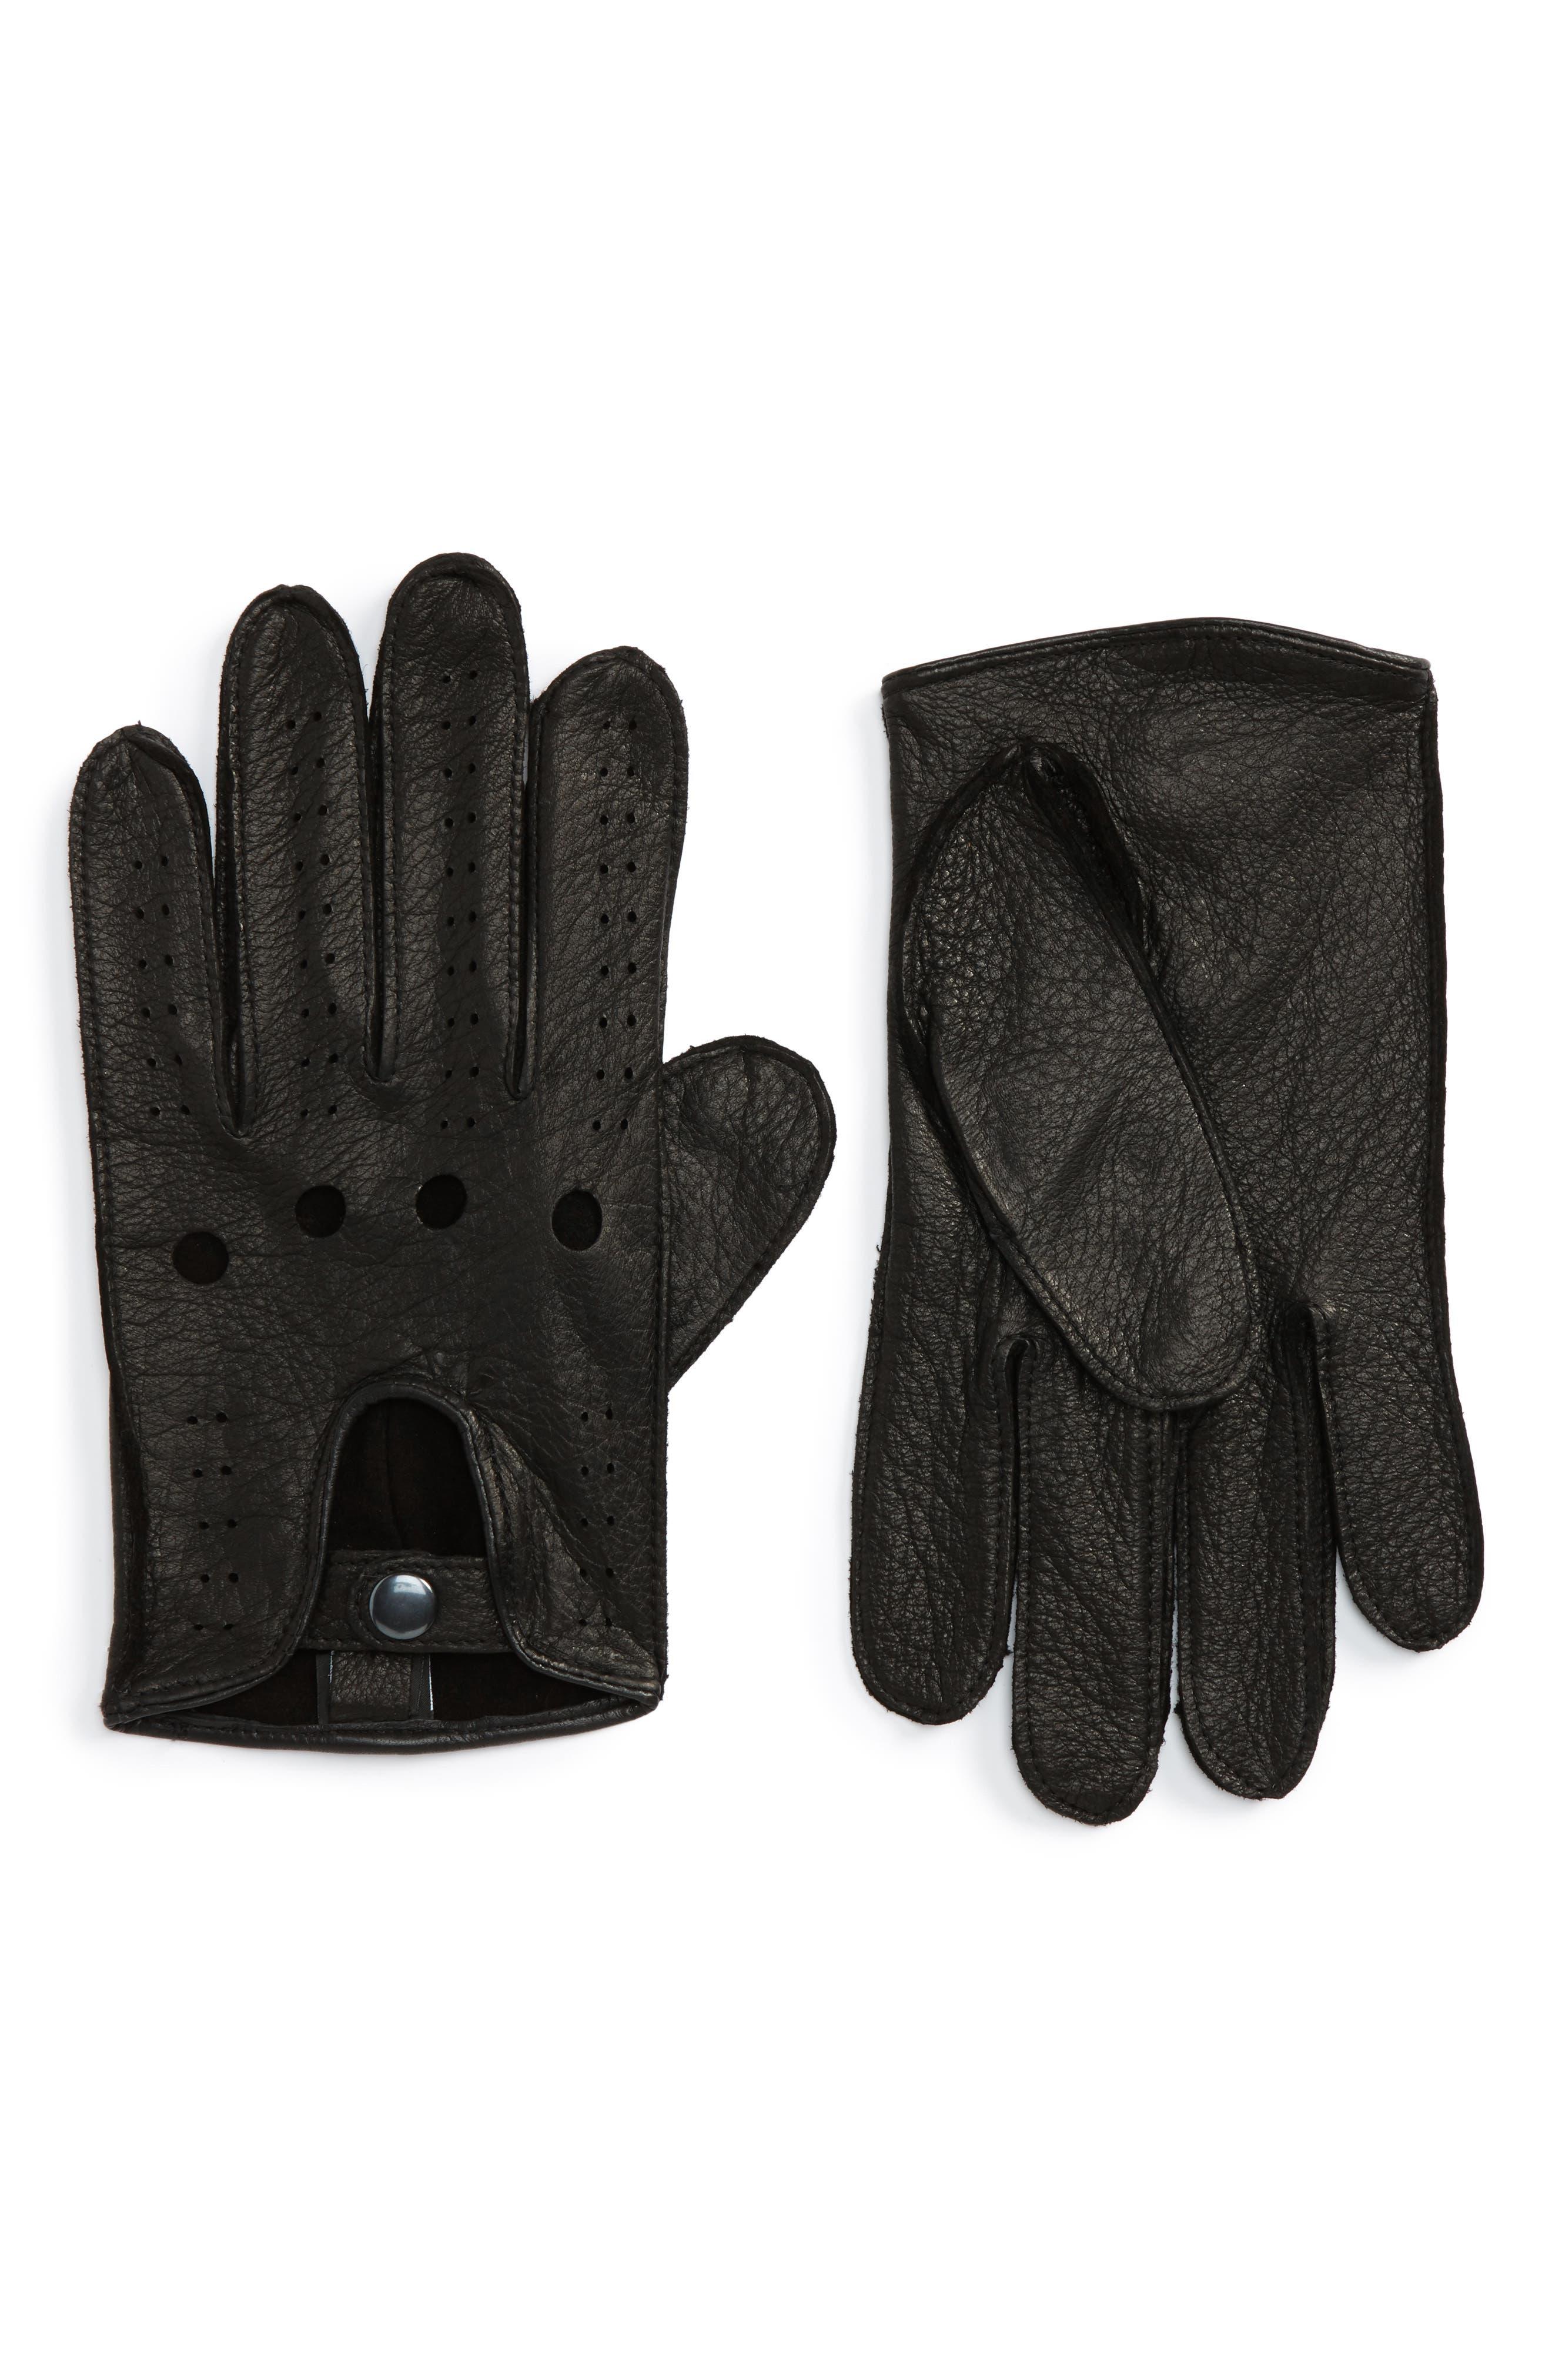 Vintage Men's Accessories Mens Nordstrom Mens Shop Leather Driving Glove $44.75 AT vintagedancer.com